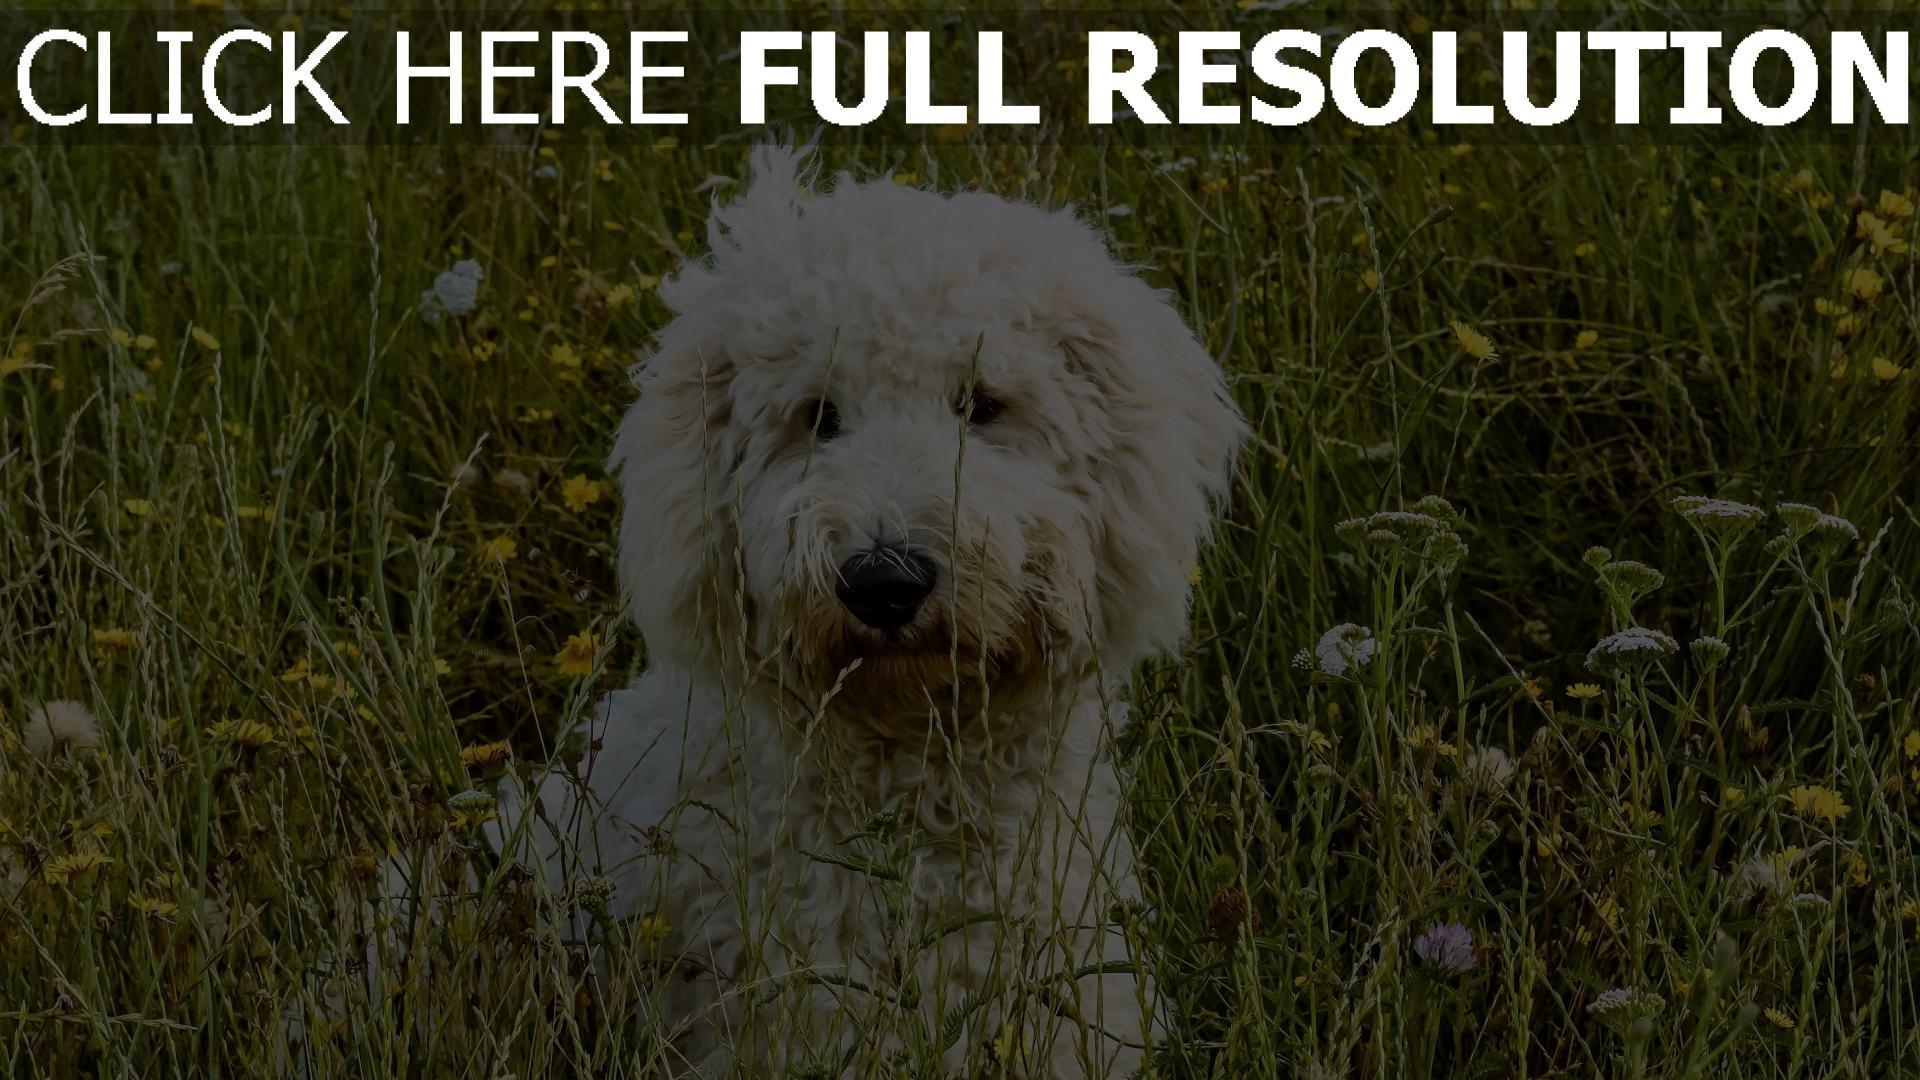 hd hintergrundbilder hund gras goldendudl 1920x1080